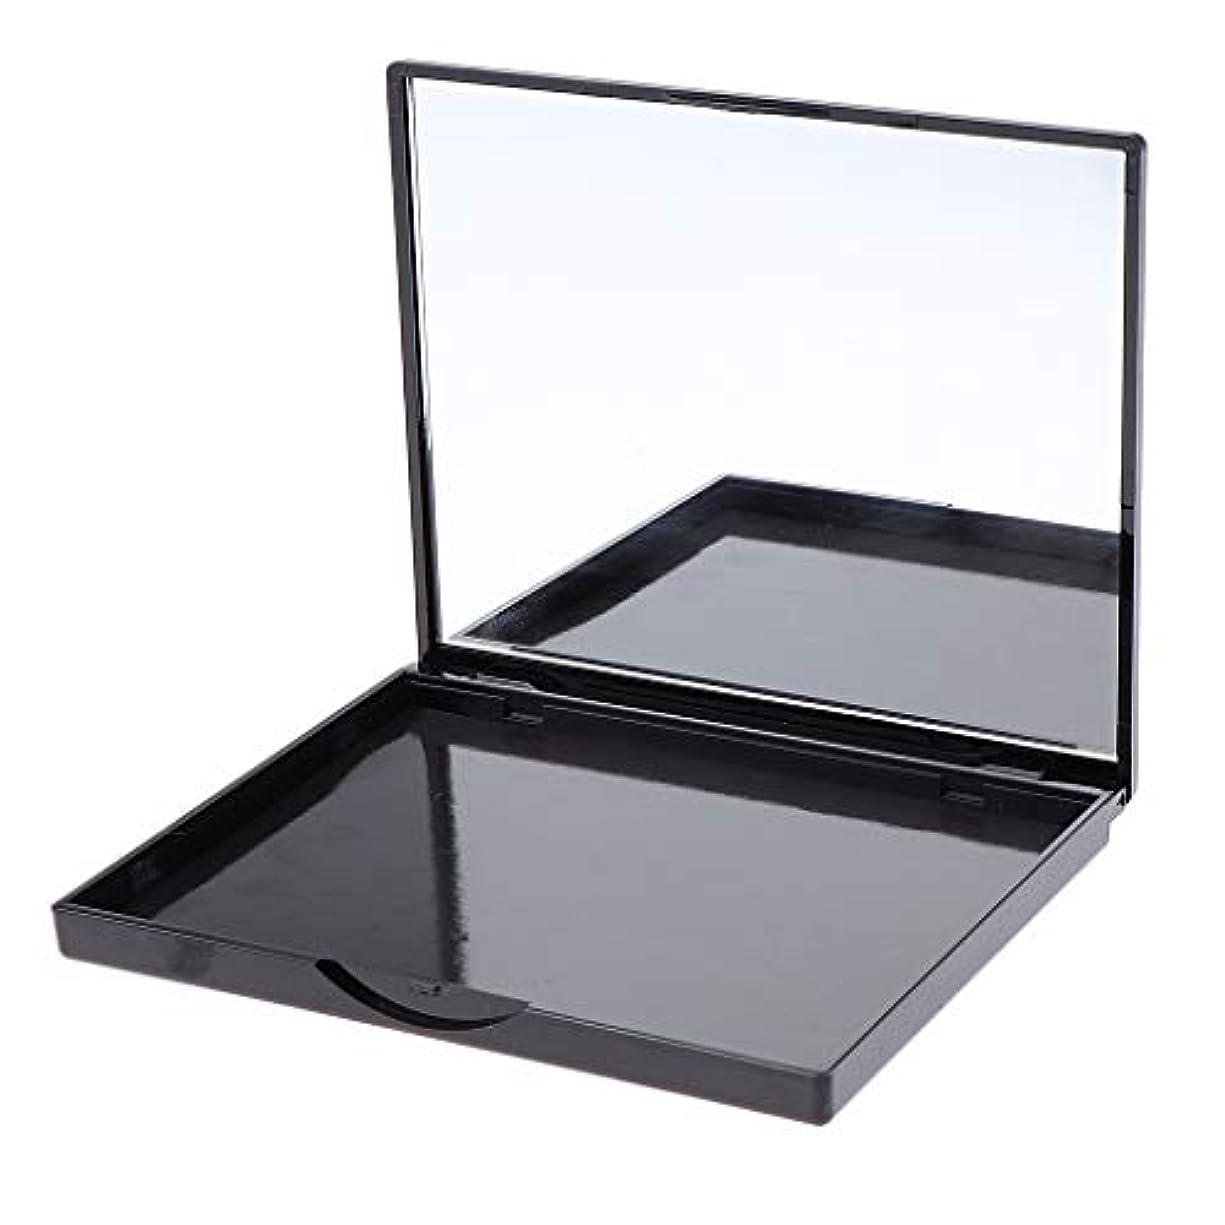 F Fityle 磁気パレット メイクアップ 化粧パレット アイシャドウ コスメ DIY 4タイプ選べ - パープルローズフラワー